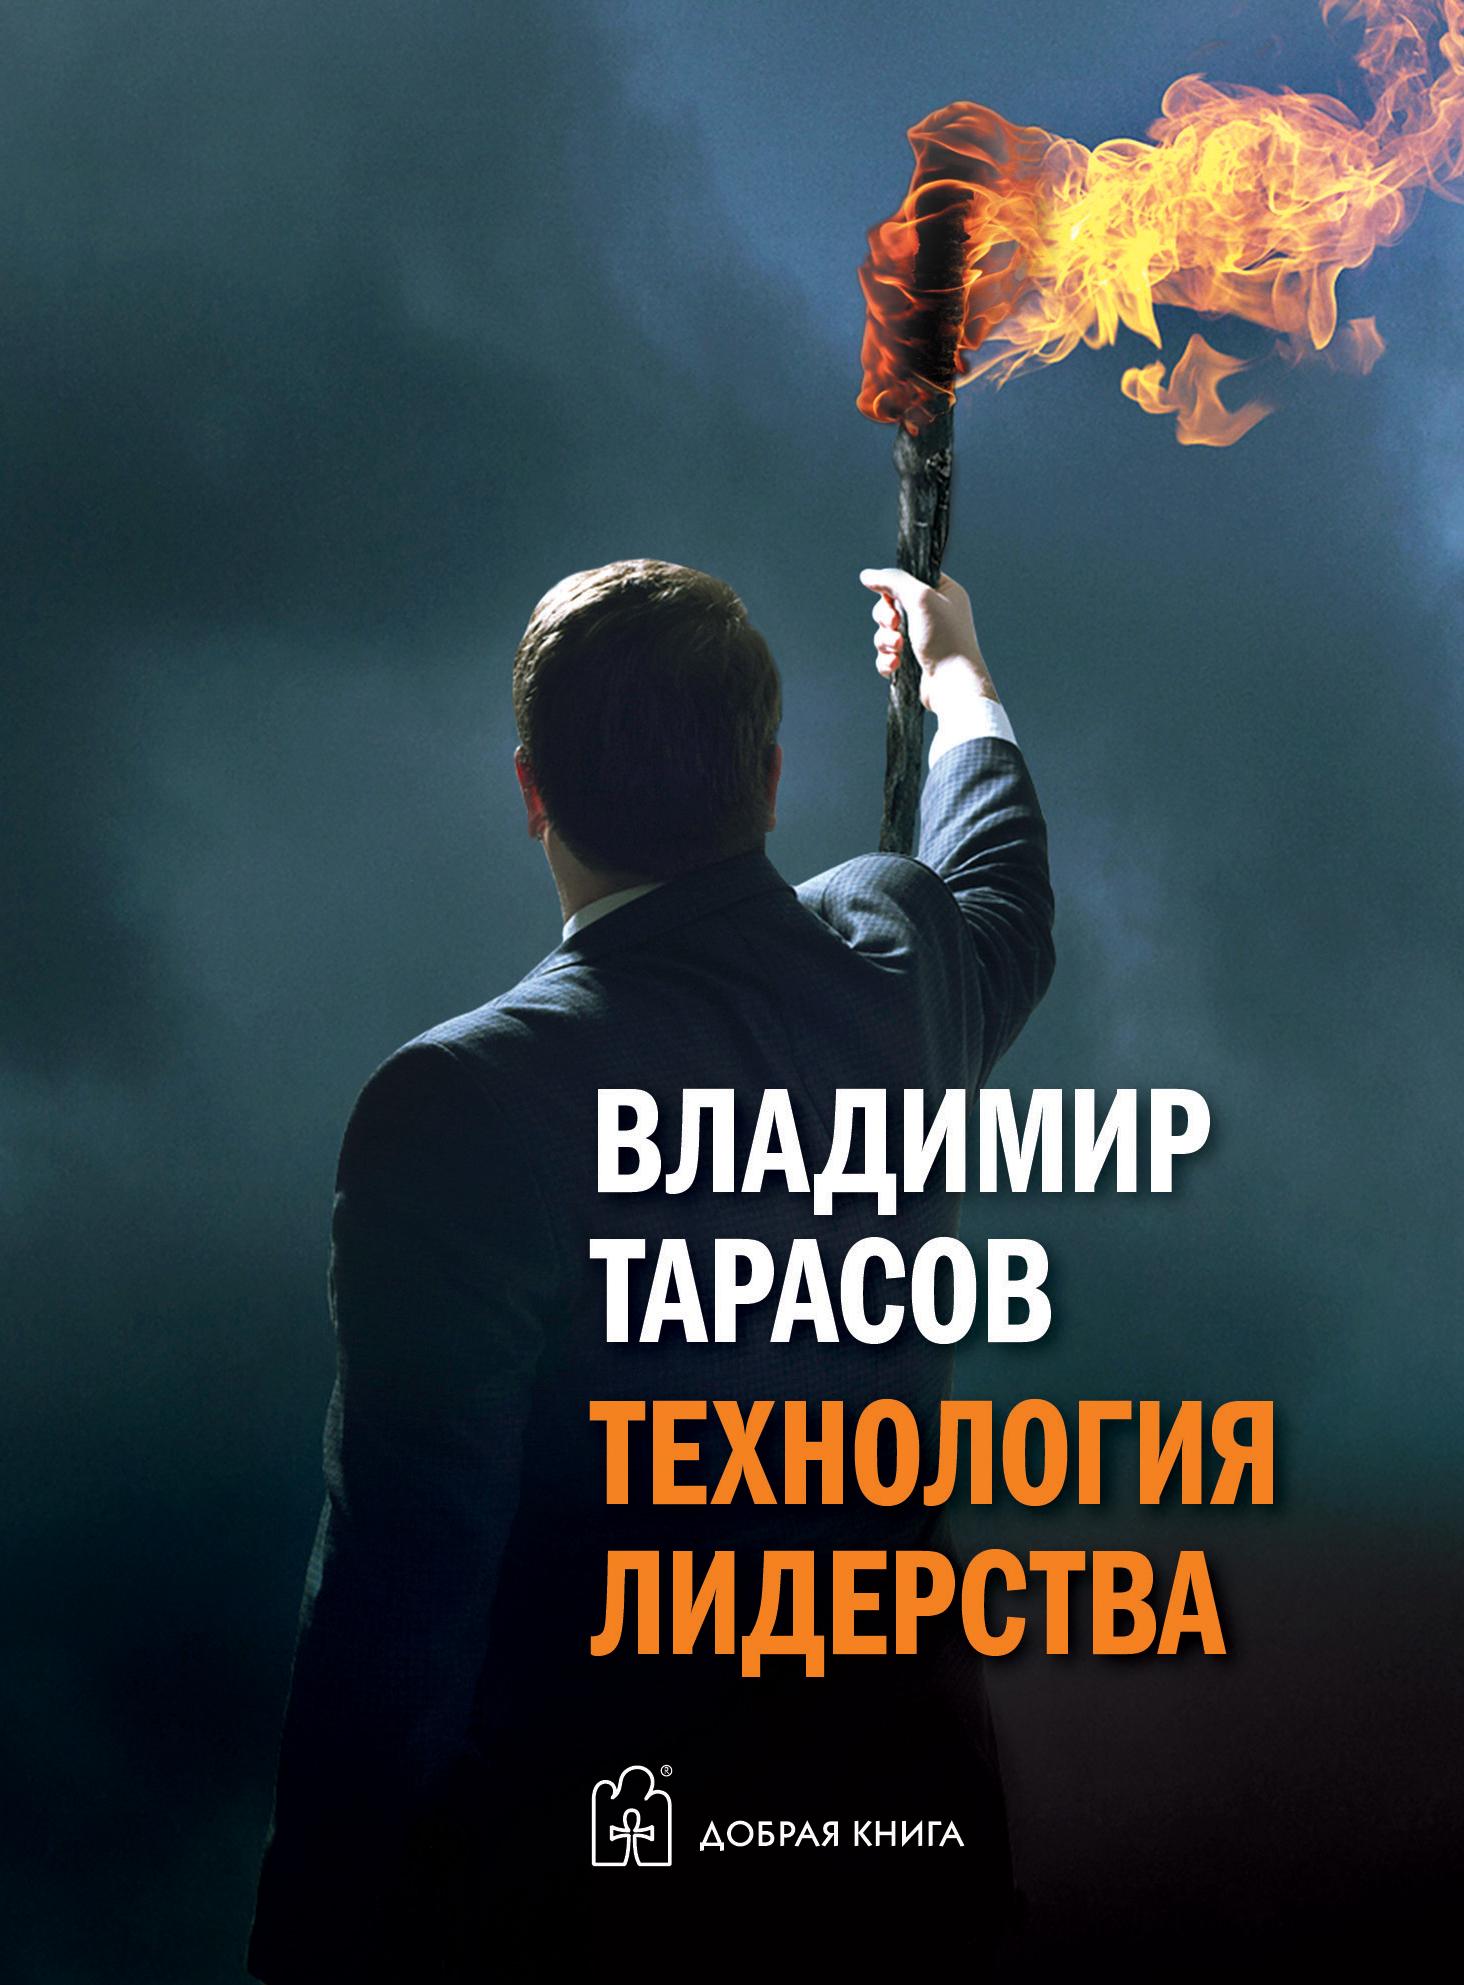 Обложка книги Технология лидерства